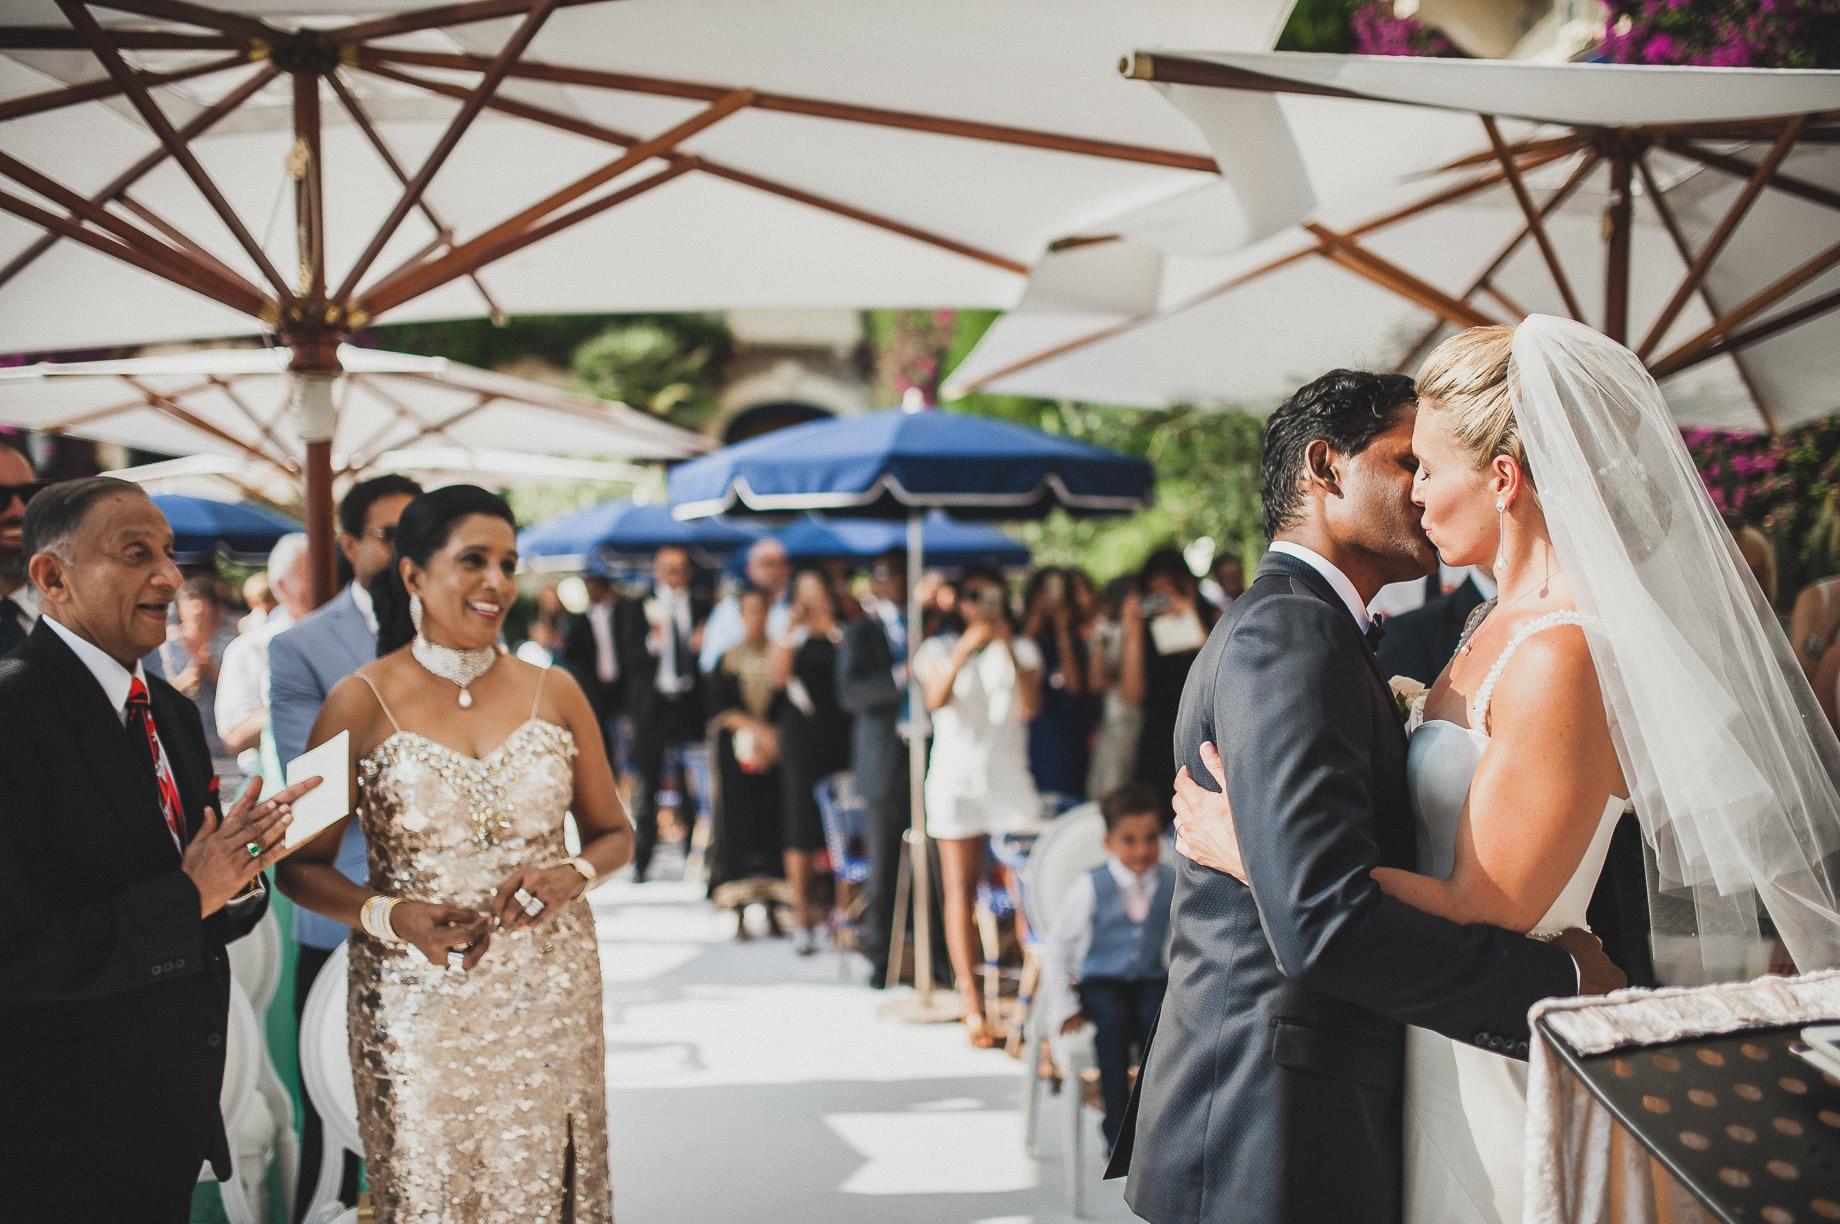 Jen and Priyan's Wedding at Hotel Belles Rives 094